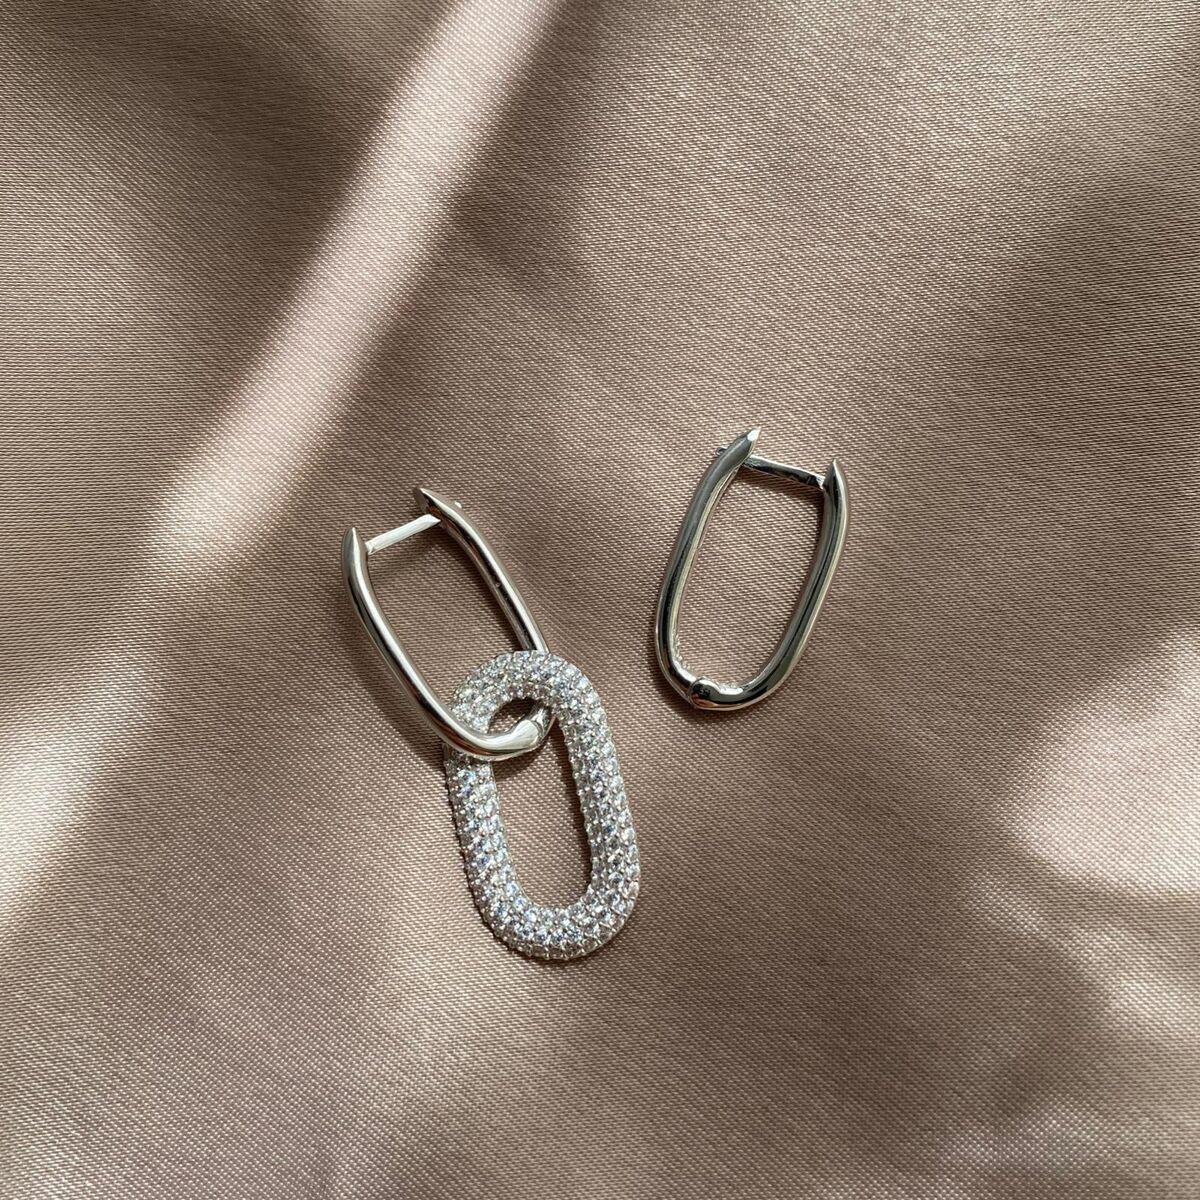 B Beyaz Taşlı İkili Dikdörtgen Küpe | 925 Gümüş